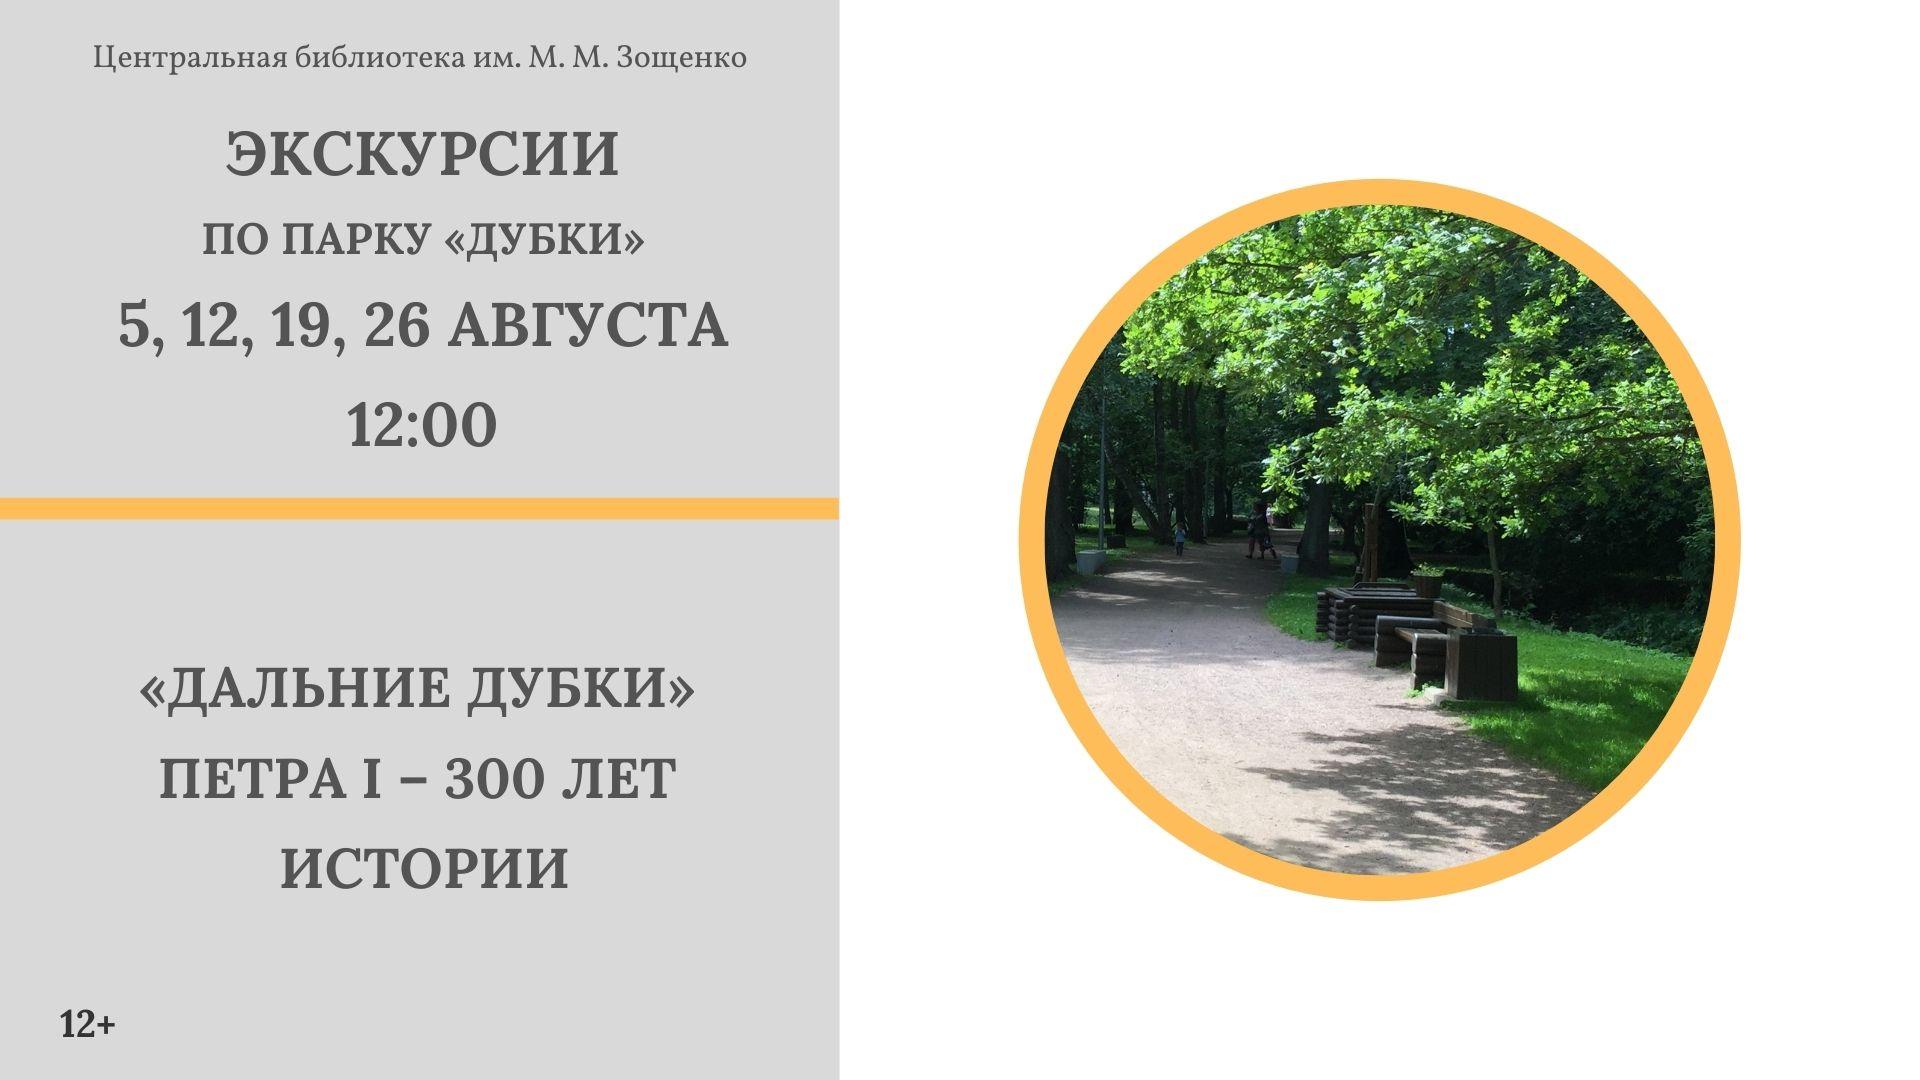 Библиотека им. М.Зощенко проведет экскурсии по парку «Дубки»